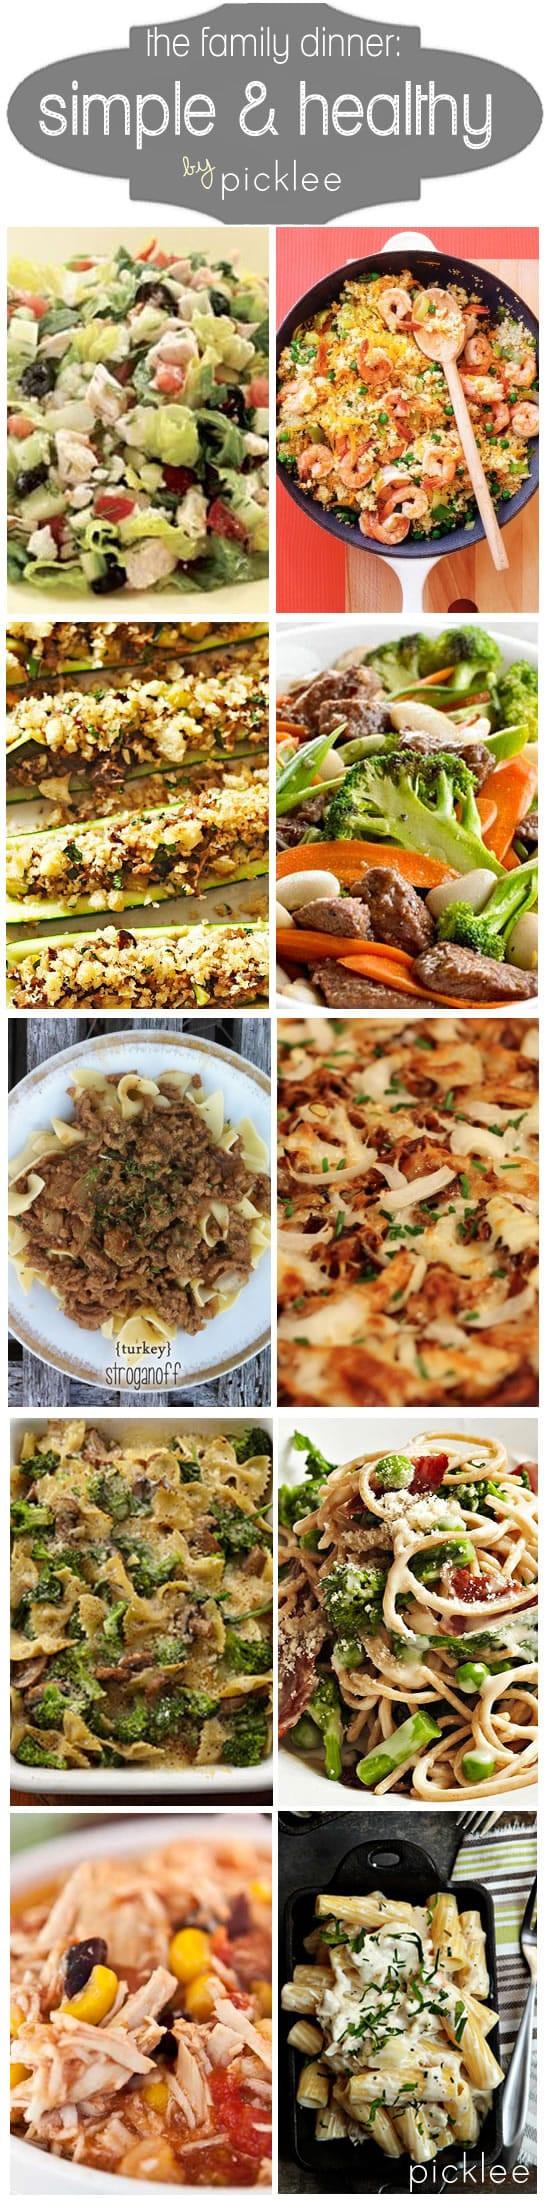 Easy Weeknight Dinners Healthy  10 Simple & Healthy Weeknight Dinners [recipes] Picklee